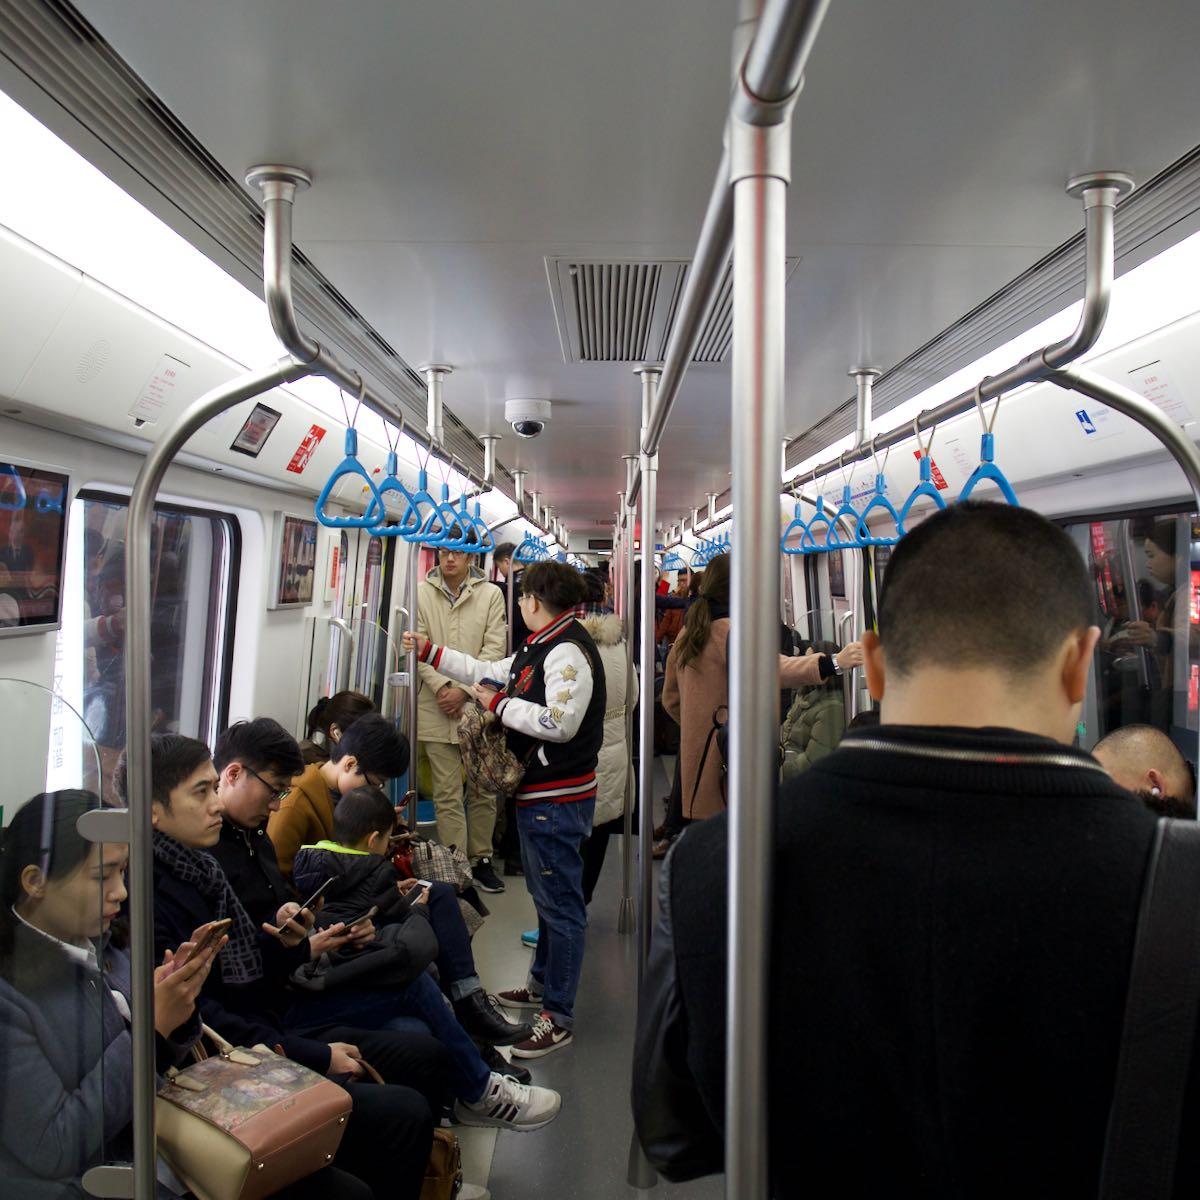 青島地下鉄3号線の車内 DMC-GX8 + LEICA DG 12-60mm